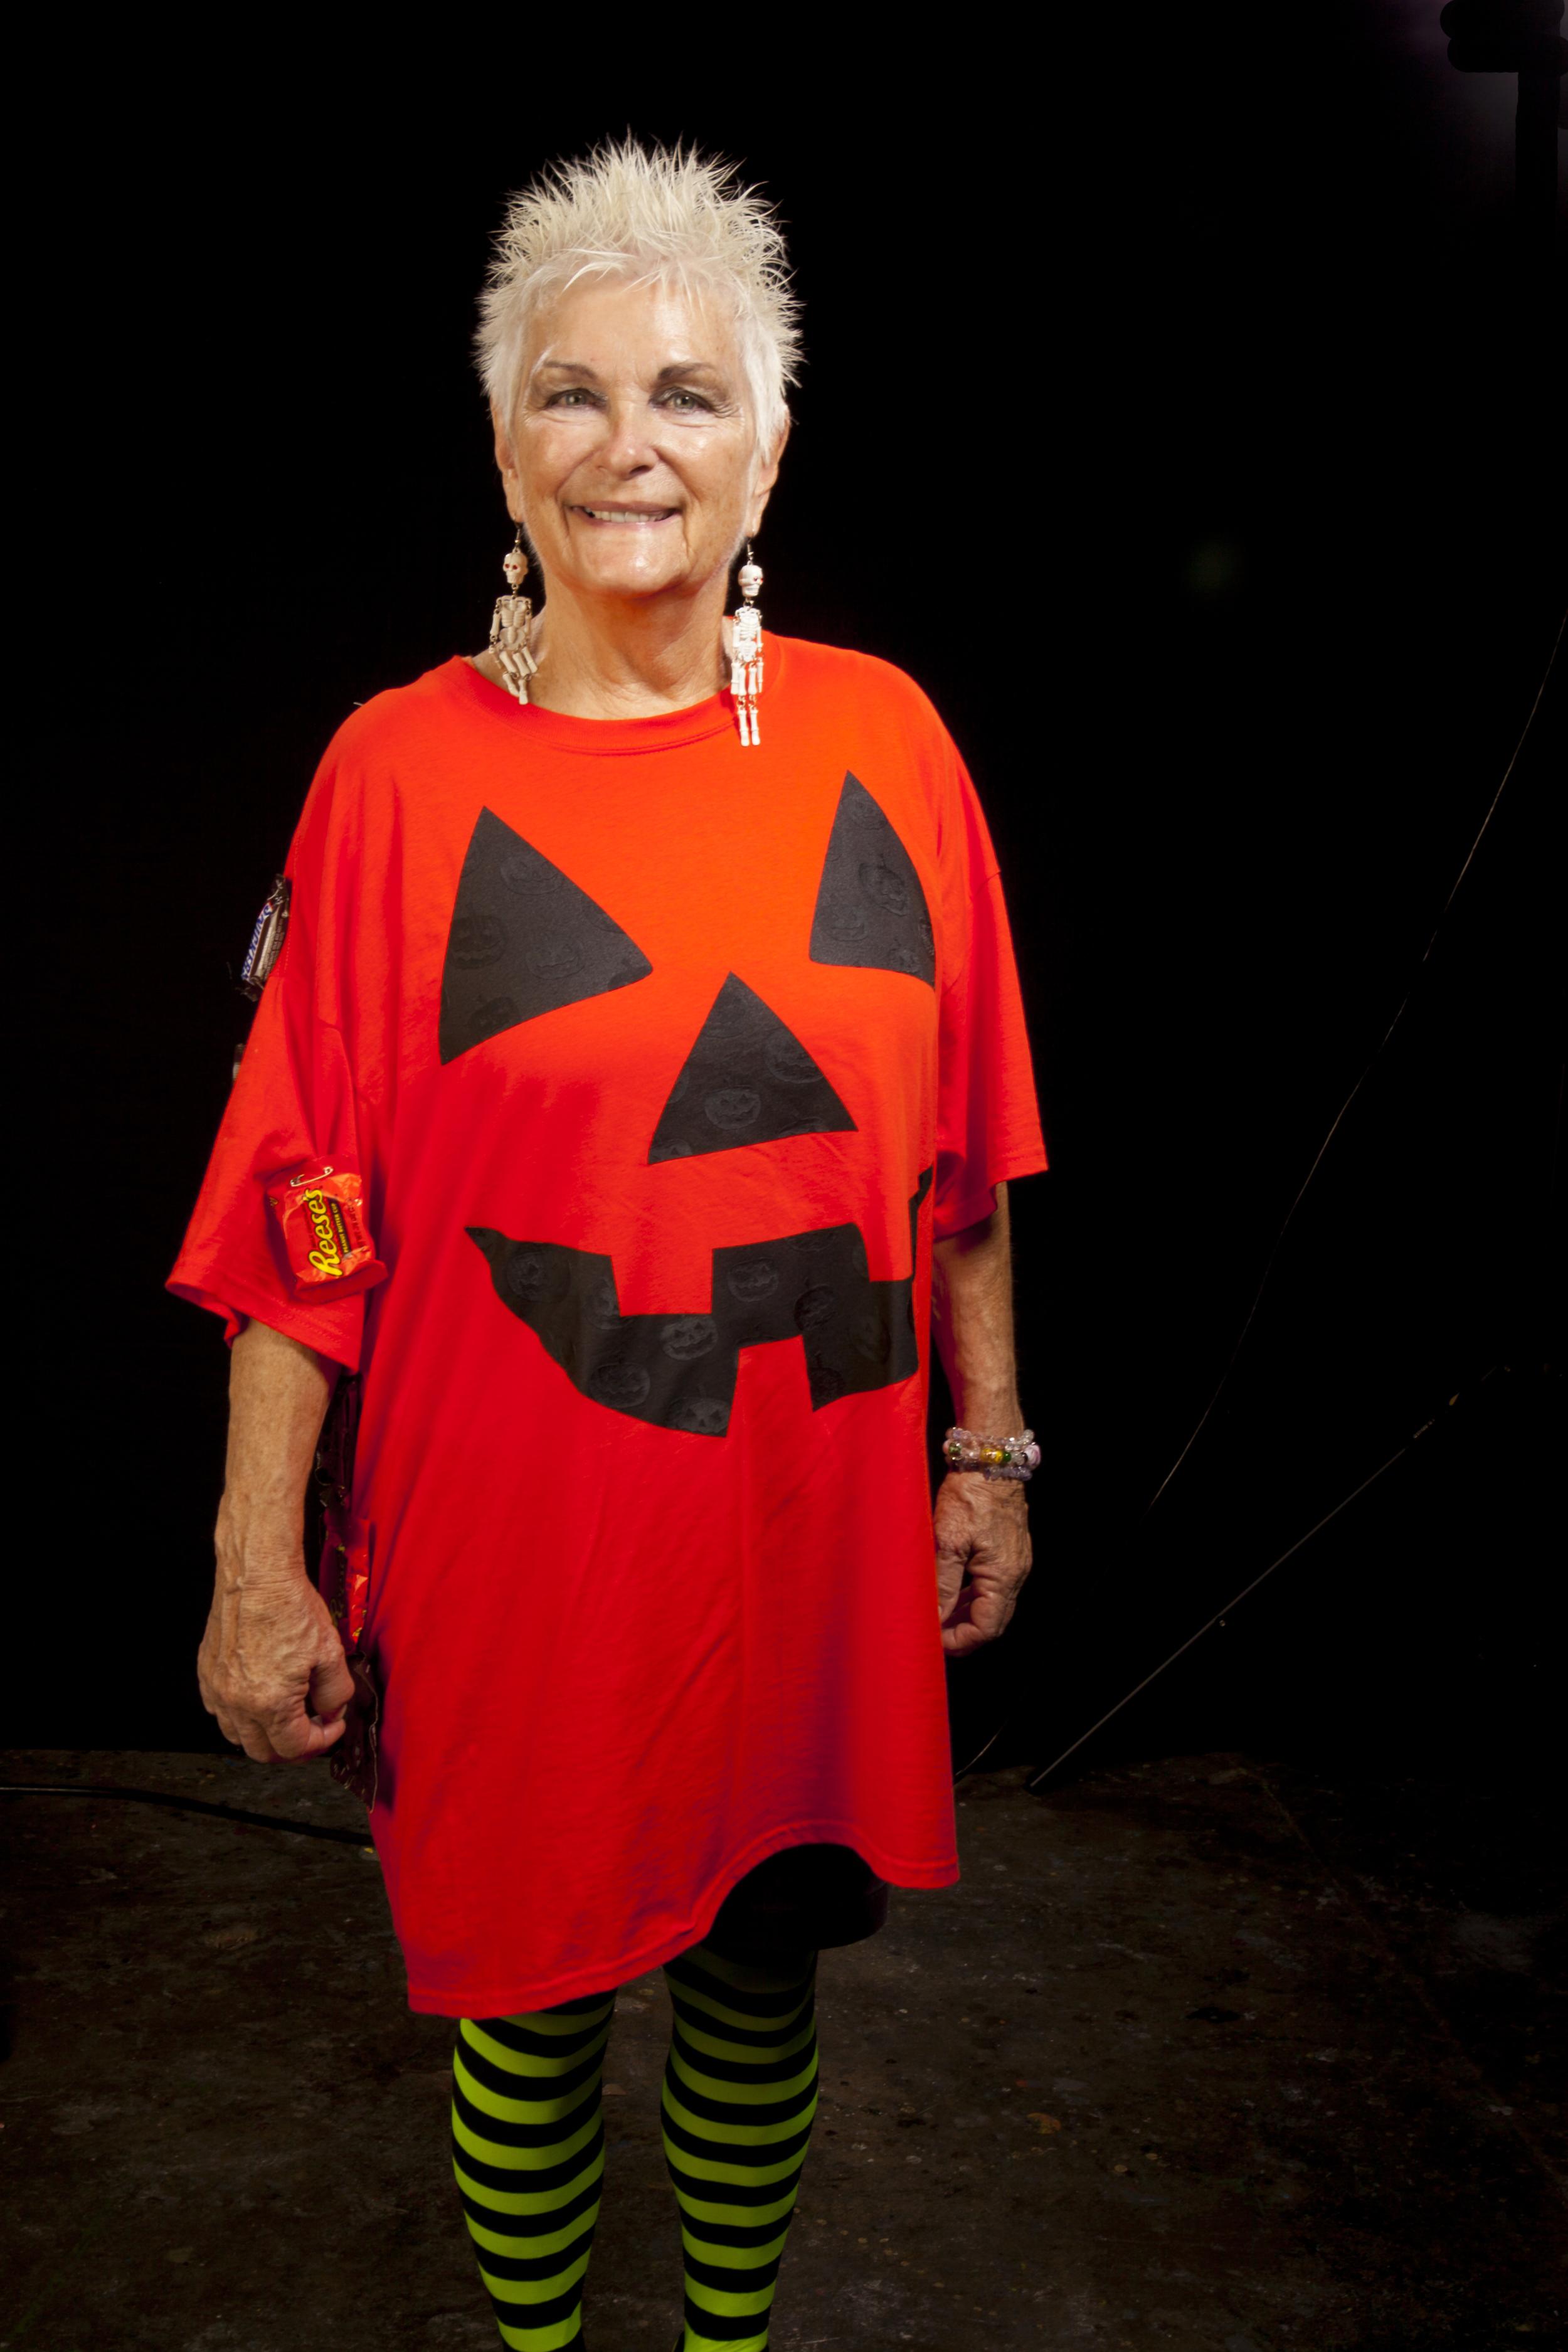 pumpkin shirt frontIMG_4248.jpg